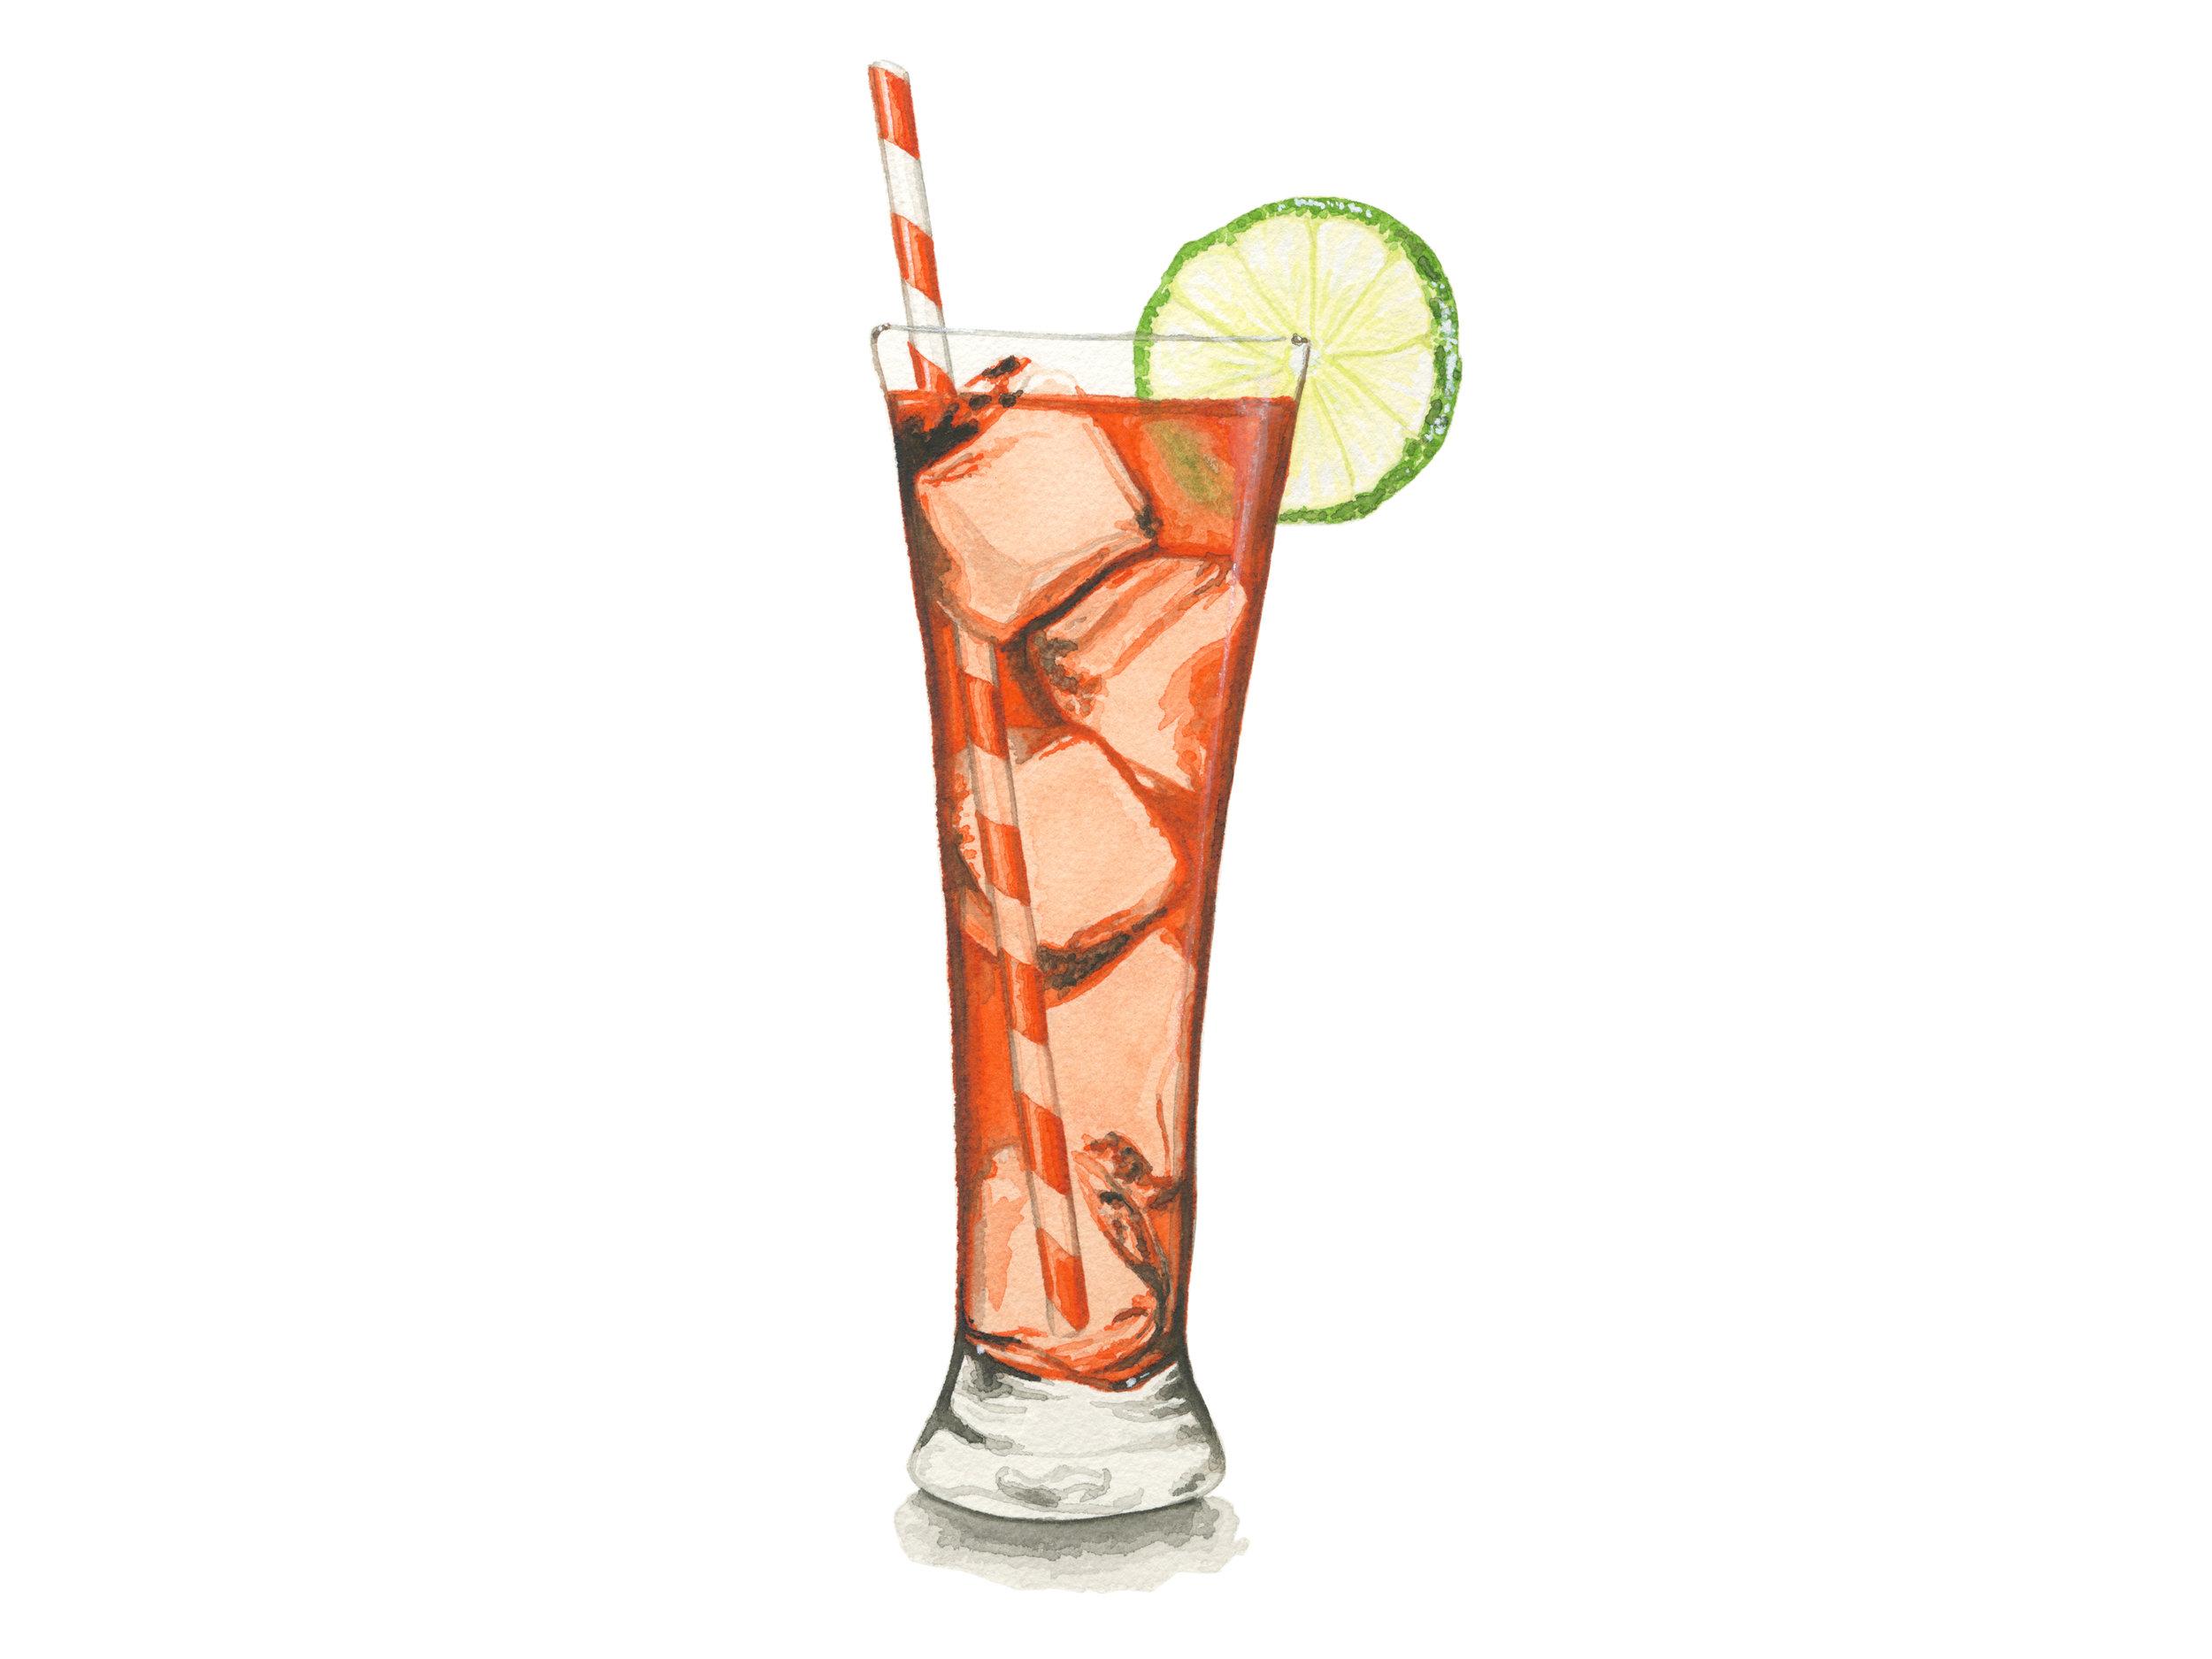 Tangerine Palomo | Bibo Barmaid, LLC